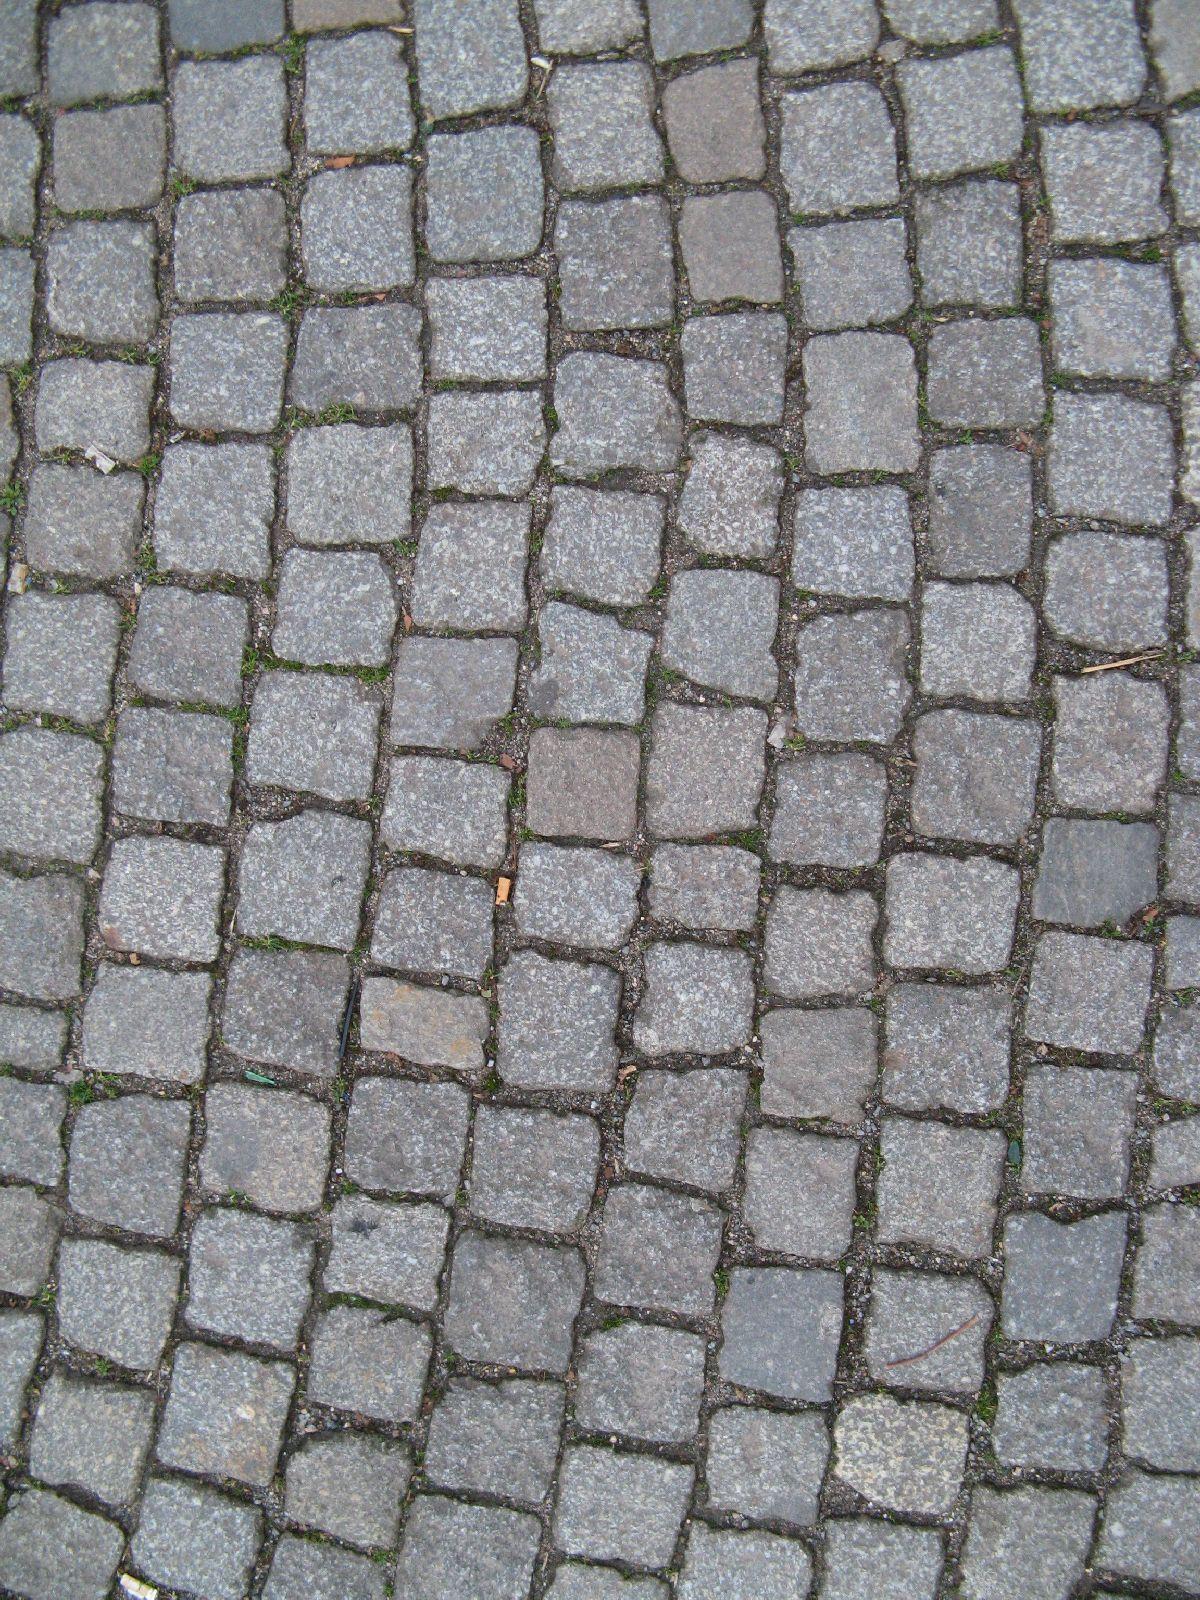 Boden-Gehweg-Strasse-Buergersteig-Textur_B_1114